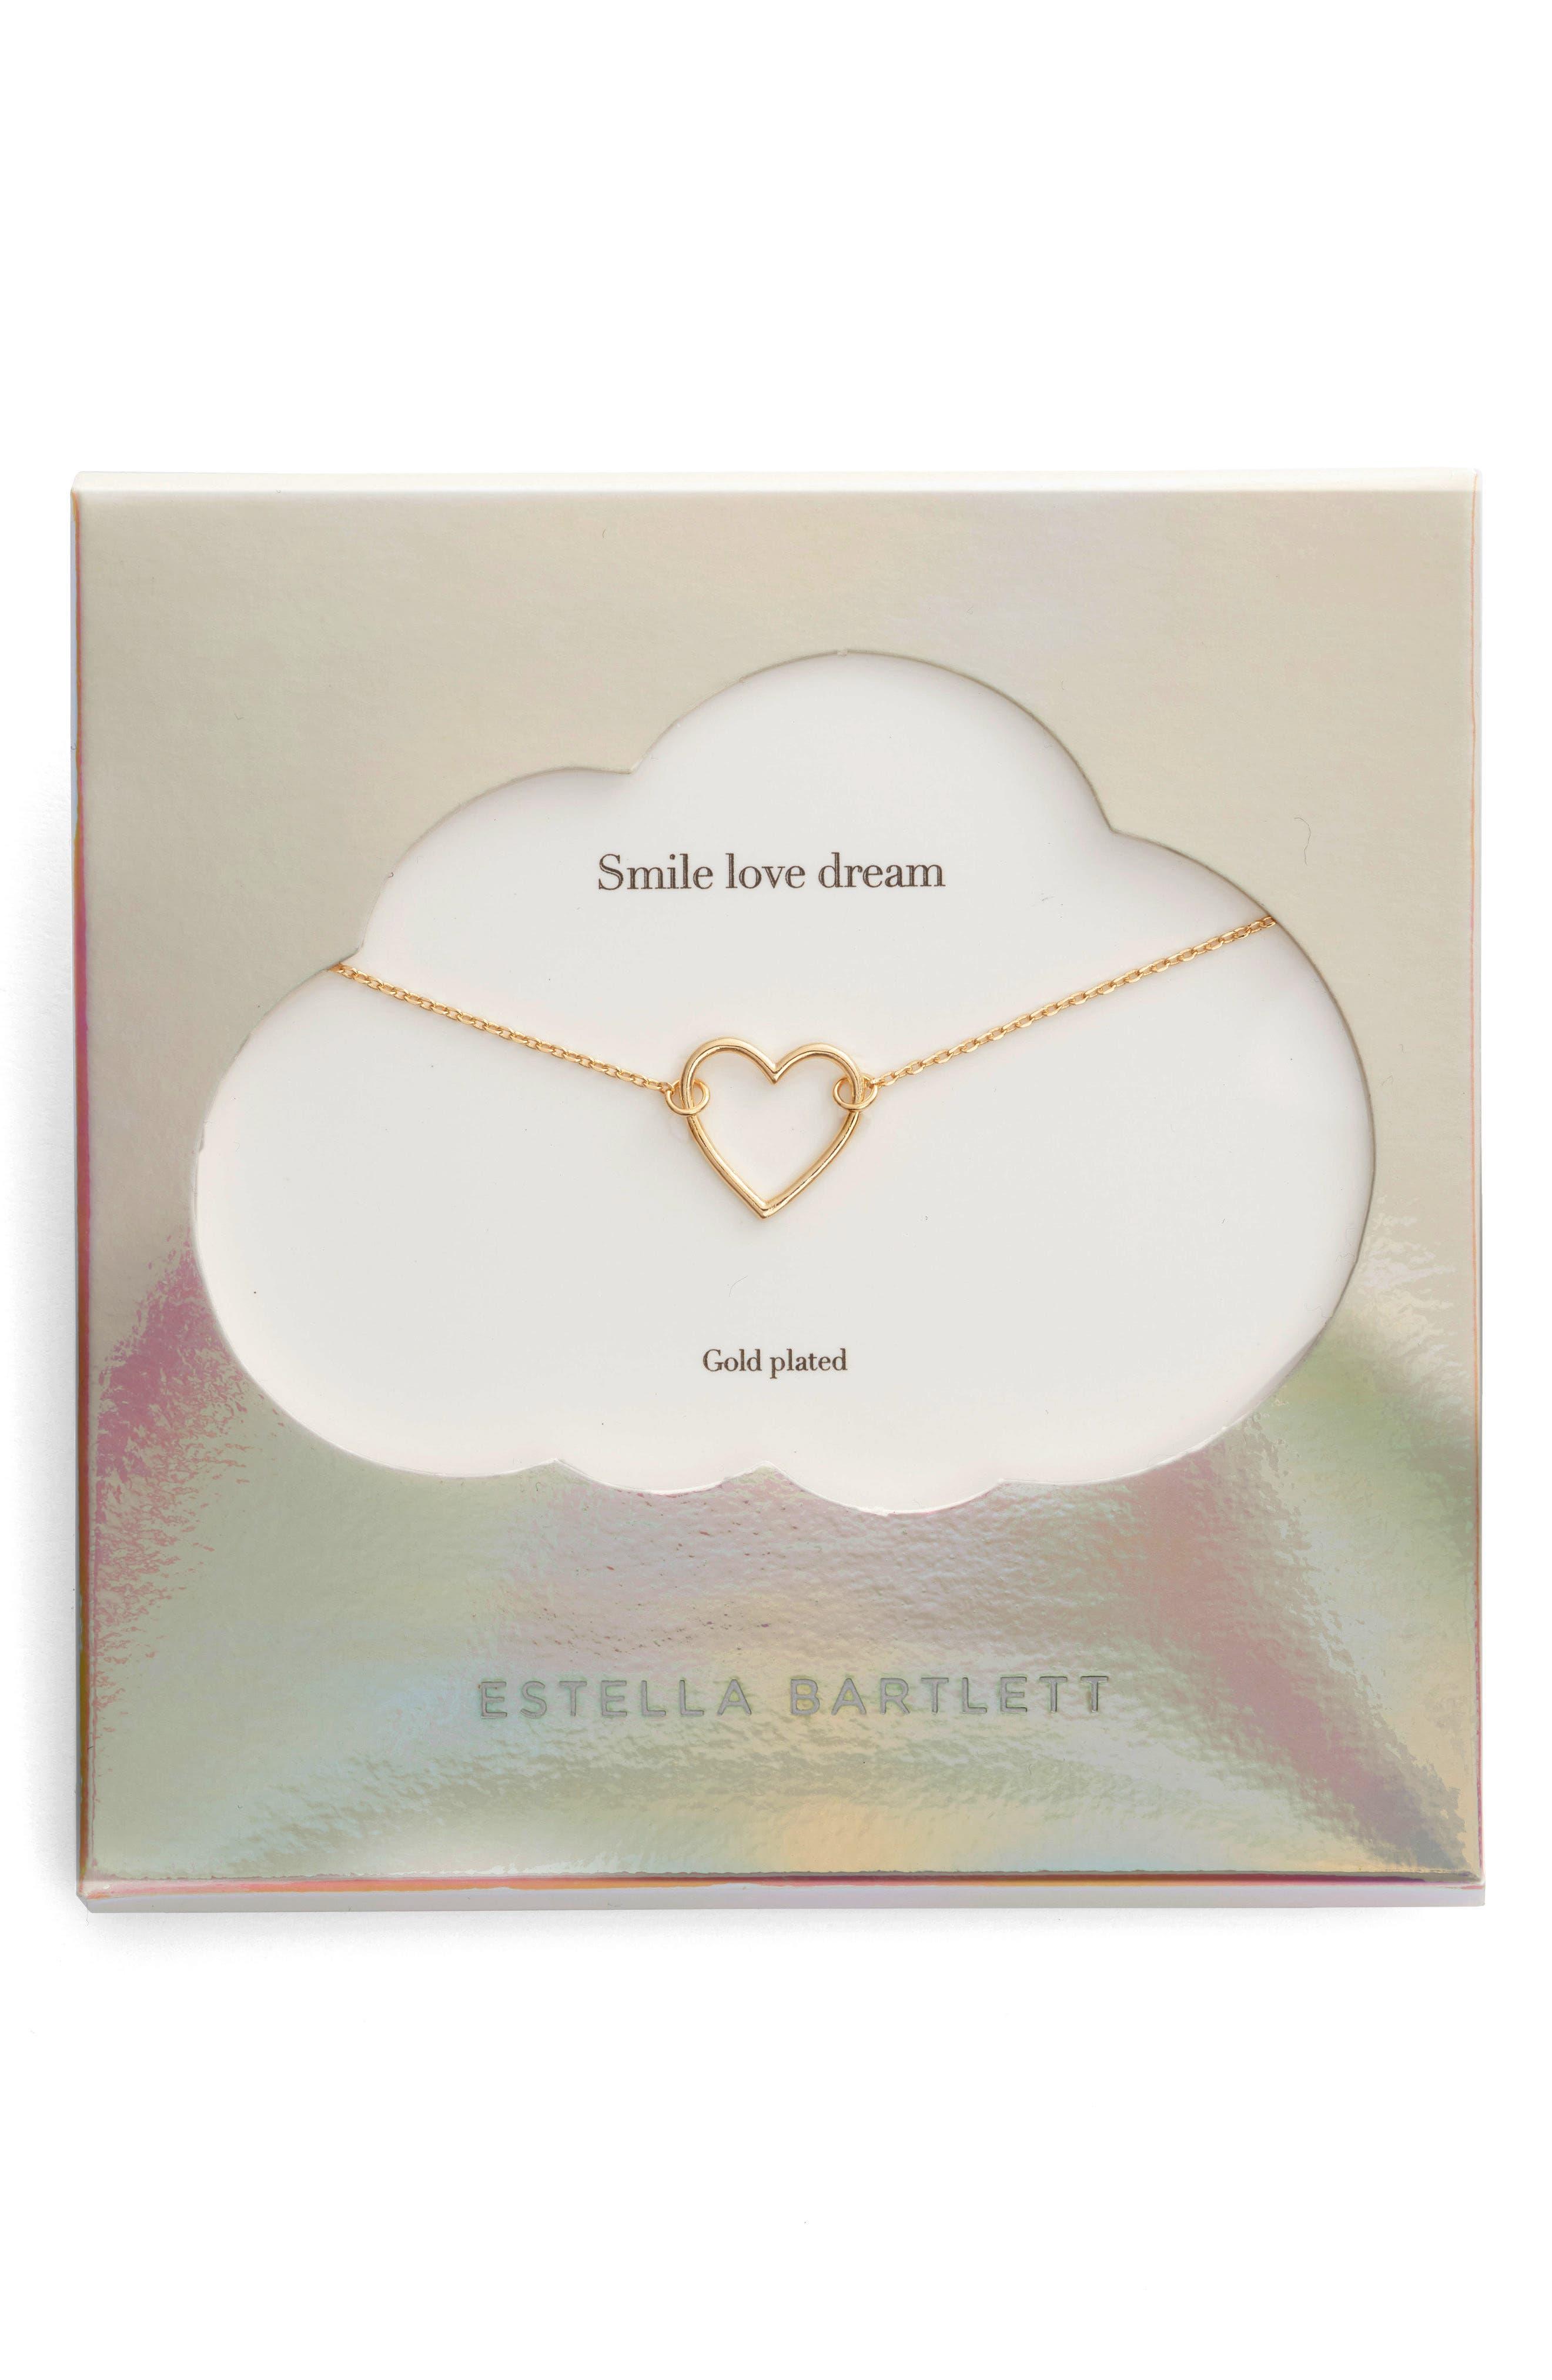 Estella Bartlett Smile Dream Love Open Heart Necklace